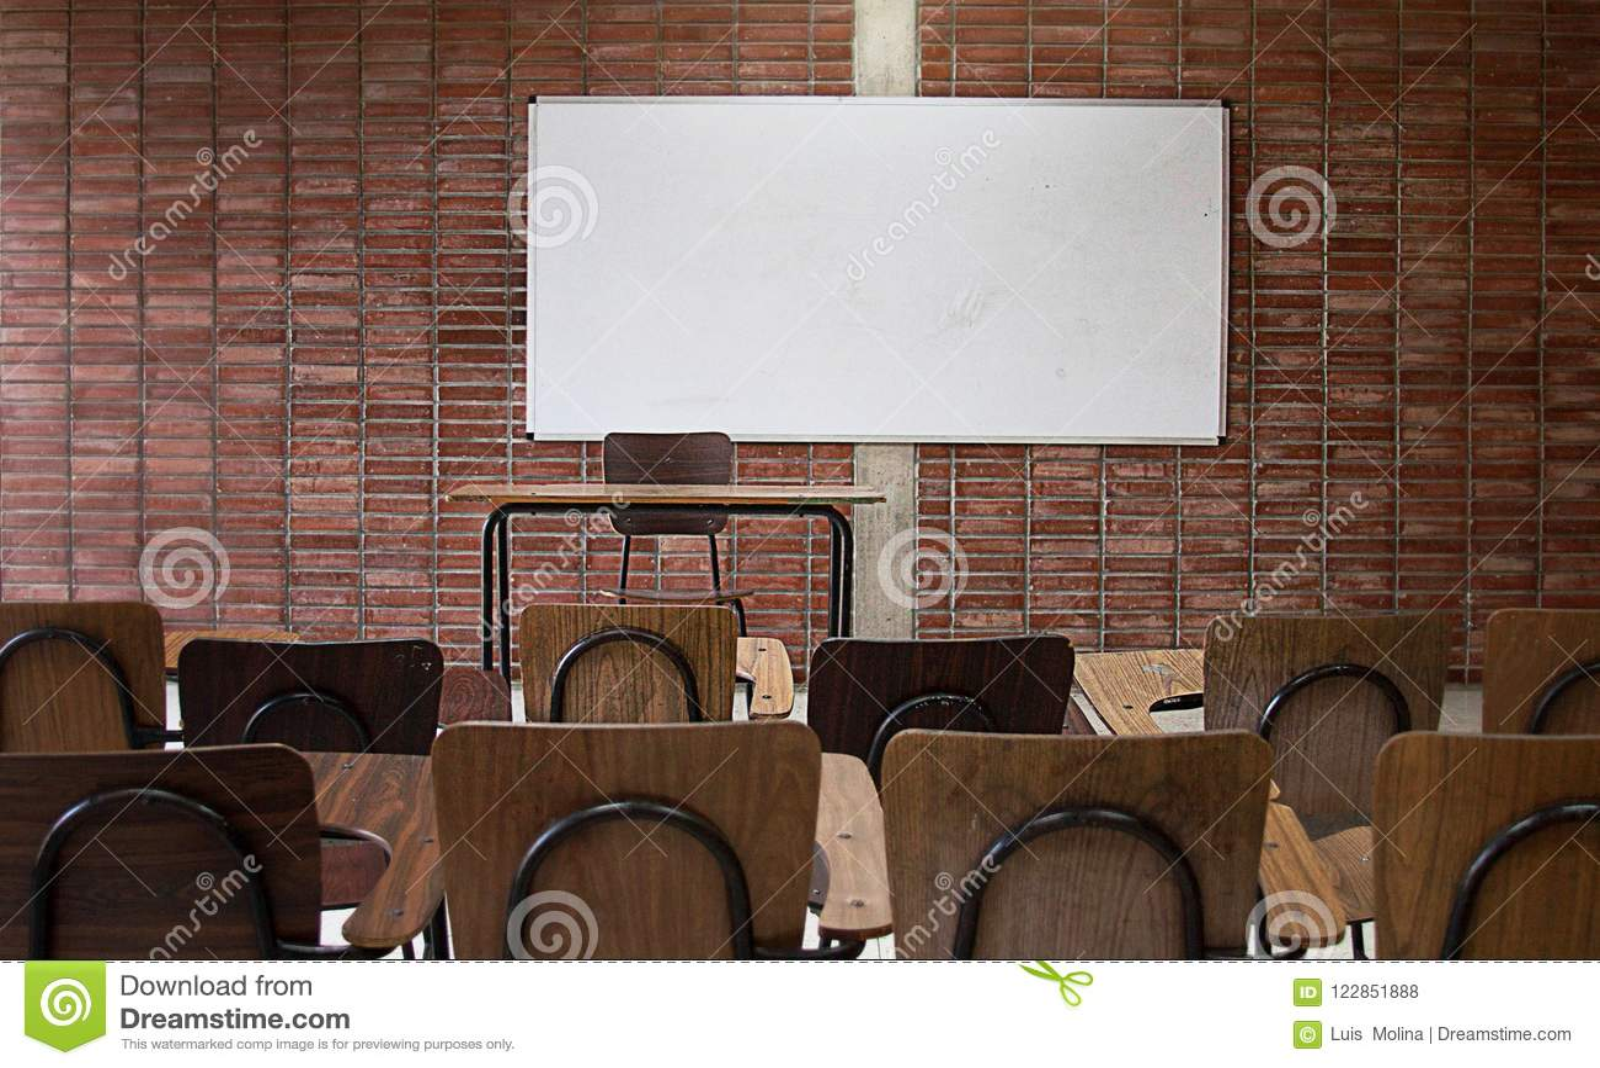 Fim vazio da sala de aula da universidade acima